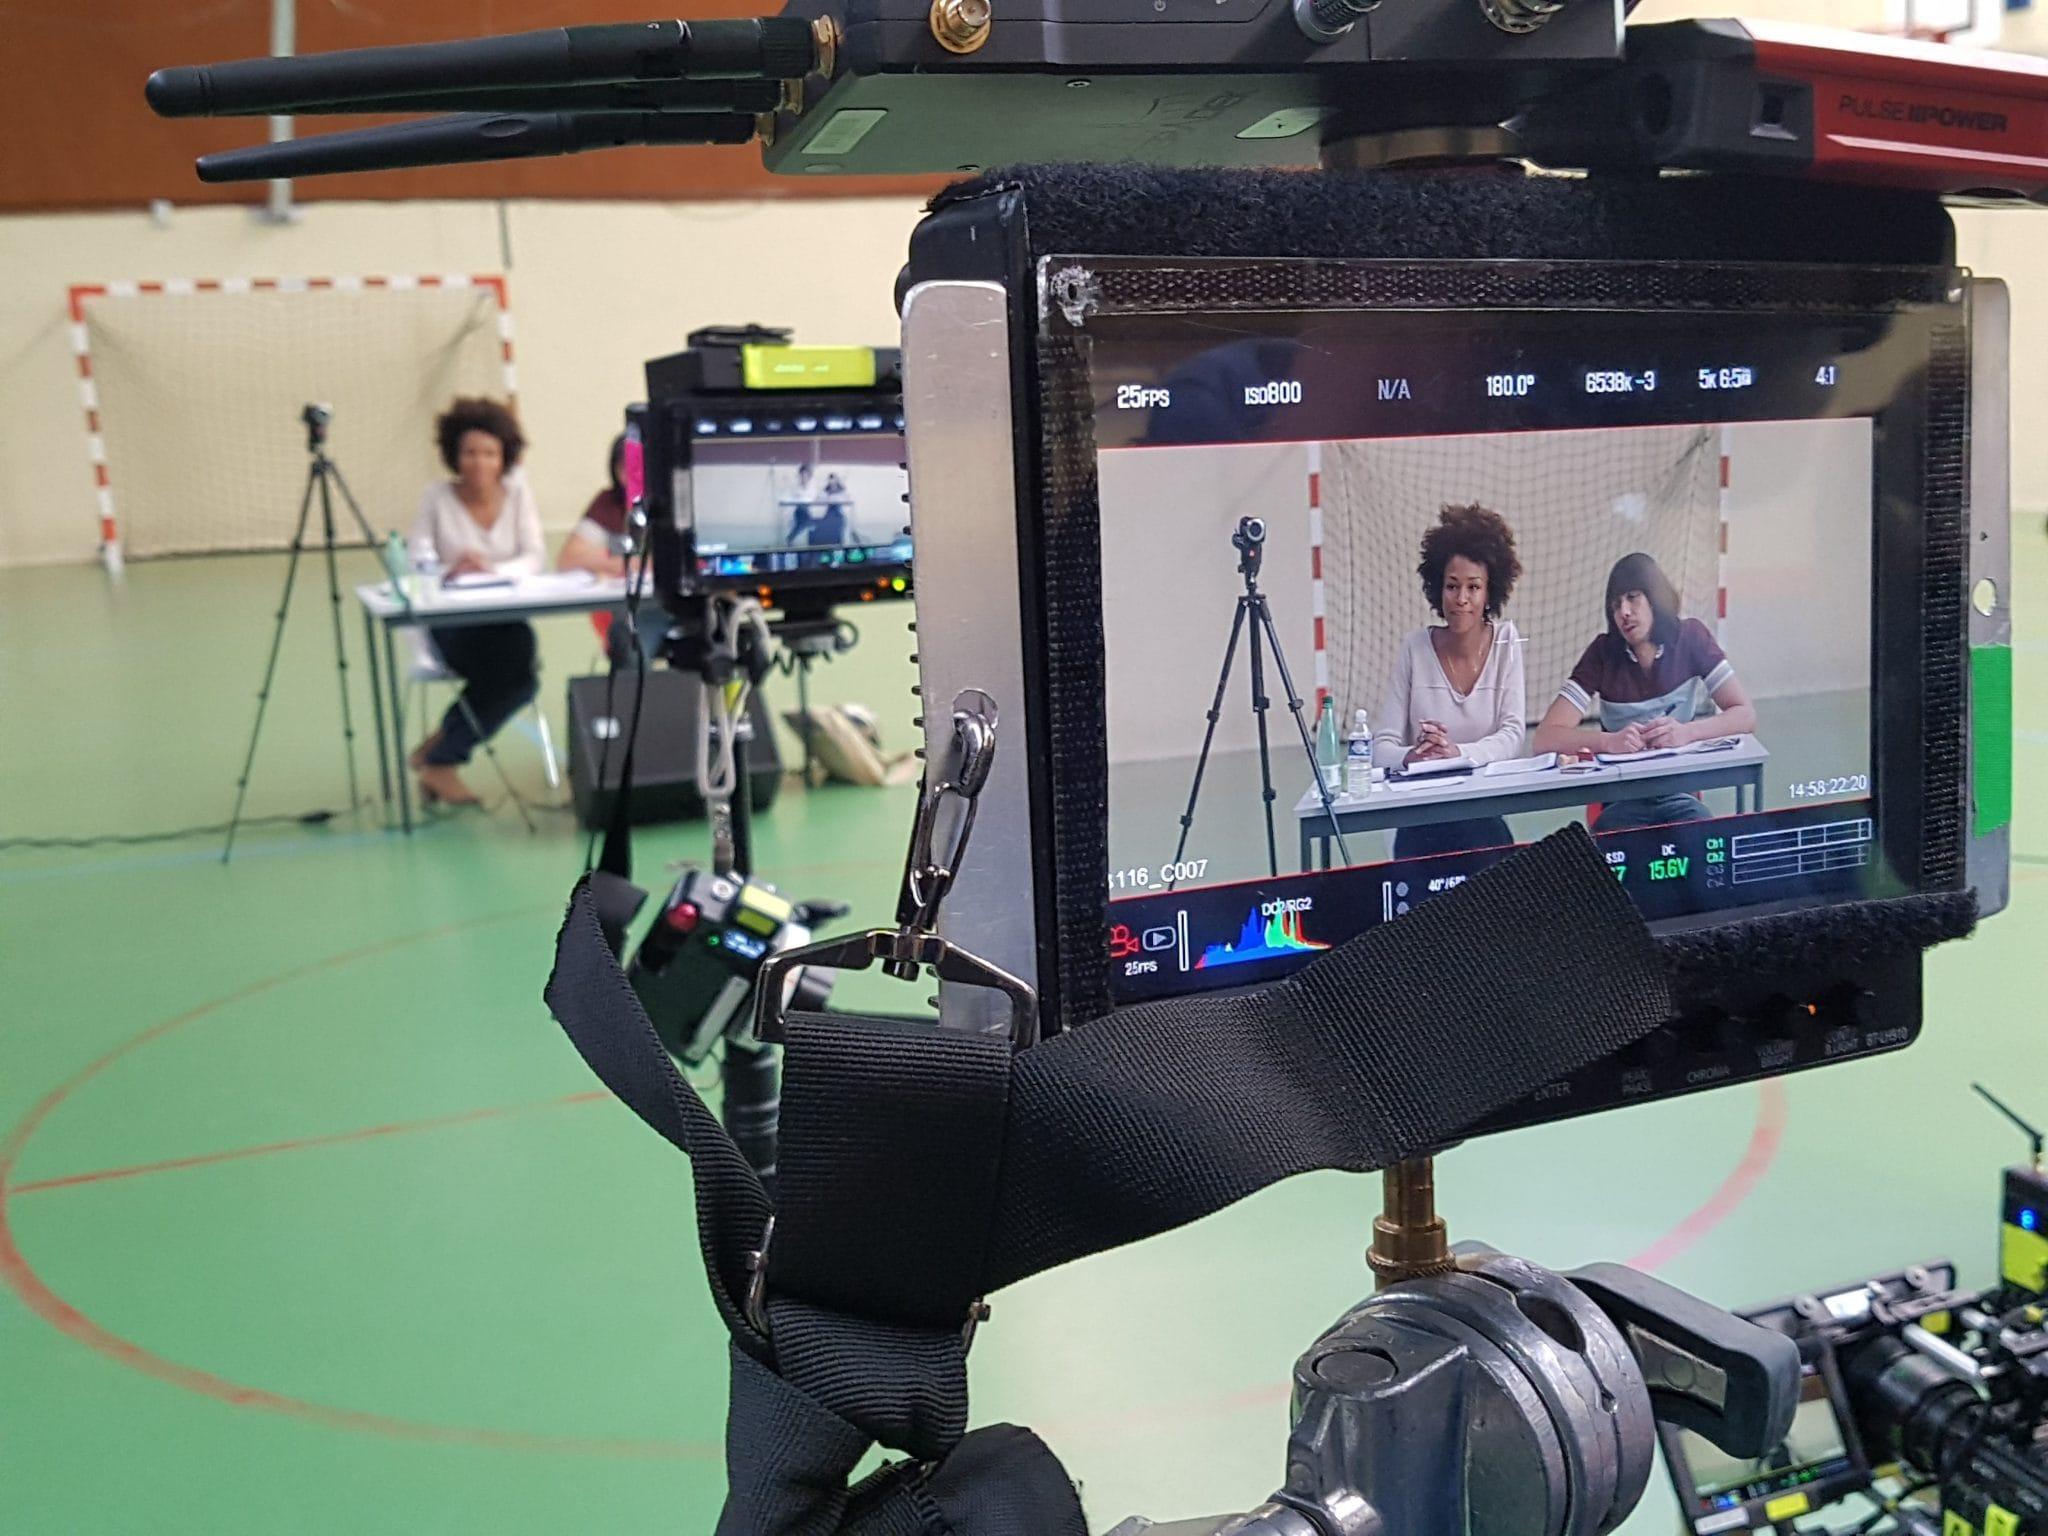 les grands saison 2 image tournage 8